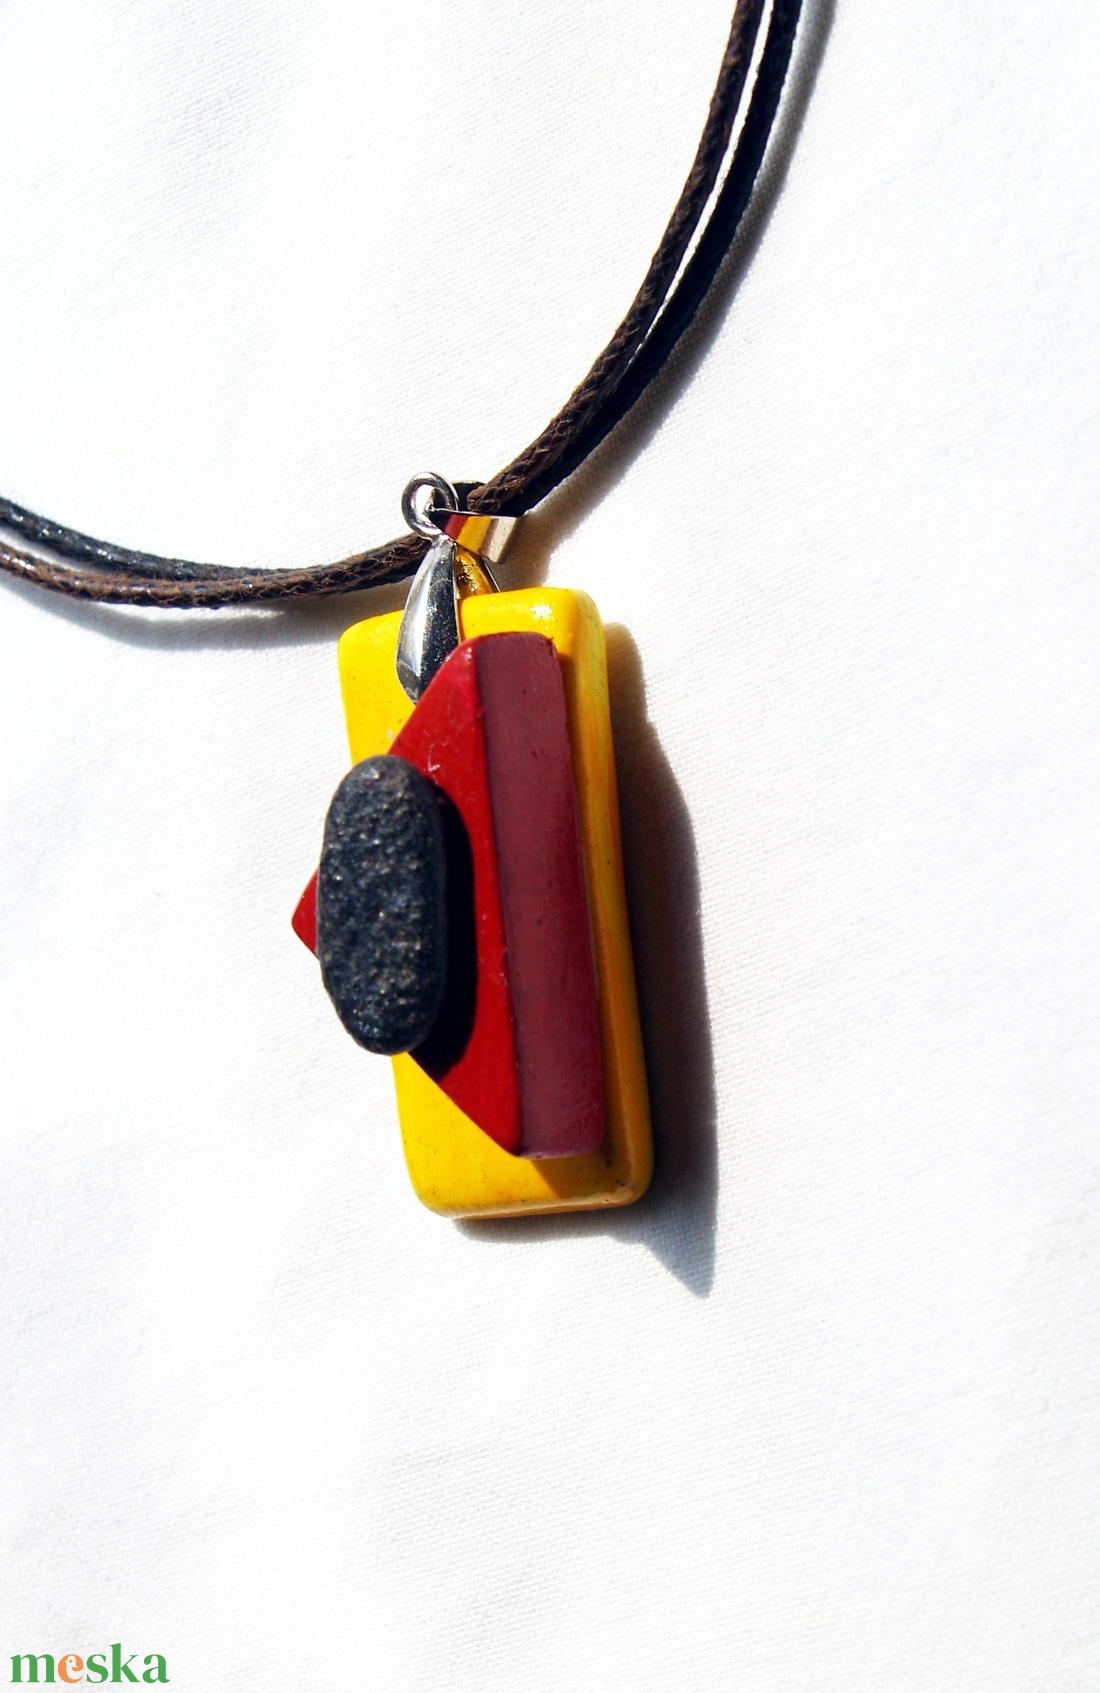 Tiszai kaviccsal készült kerámia ékszer - nyaklánc Akció! 2 db áráért 3 db    - ékszer - nyaklánc - medálos nyaklánc - Meska.hu